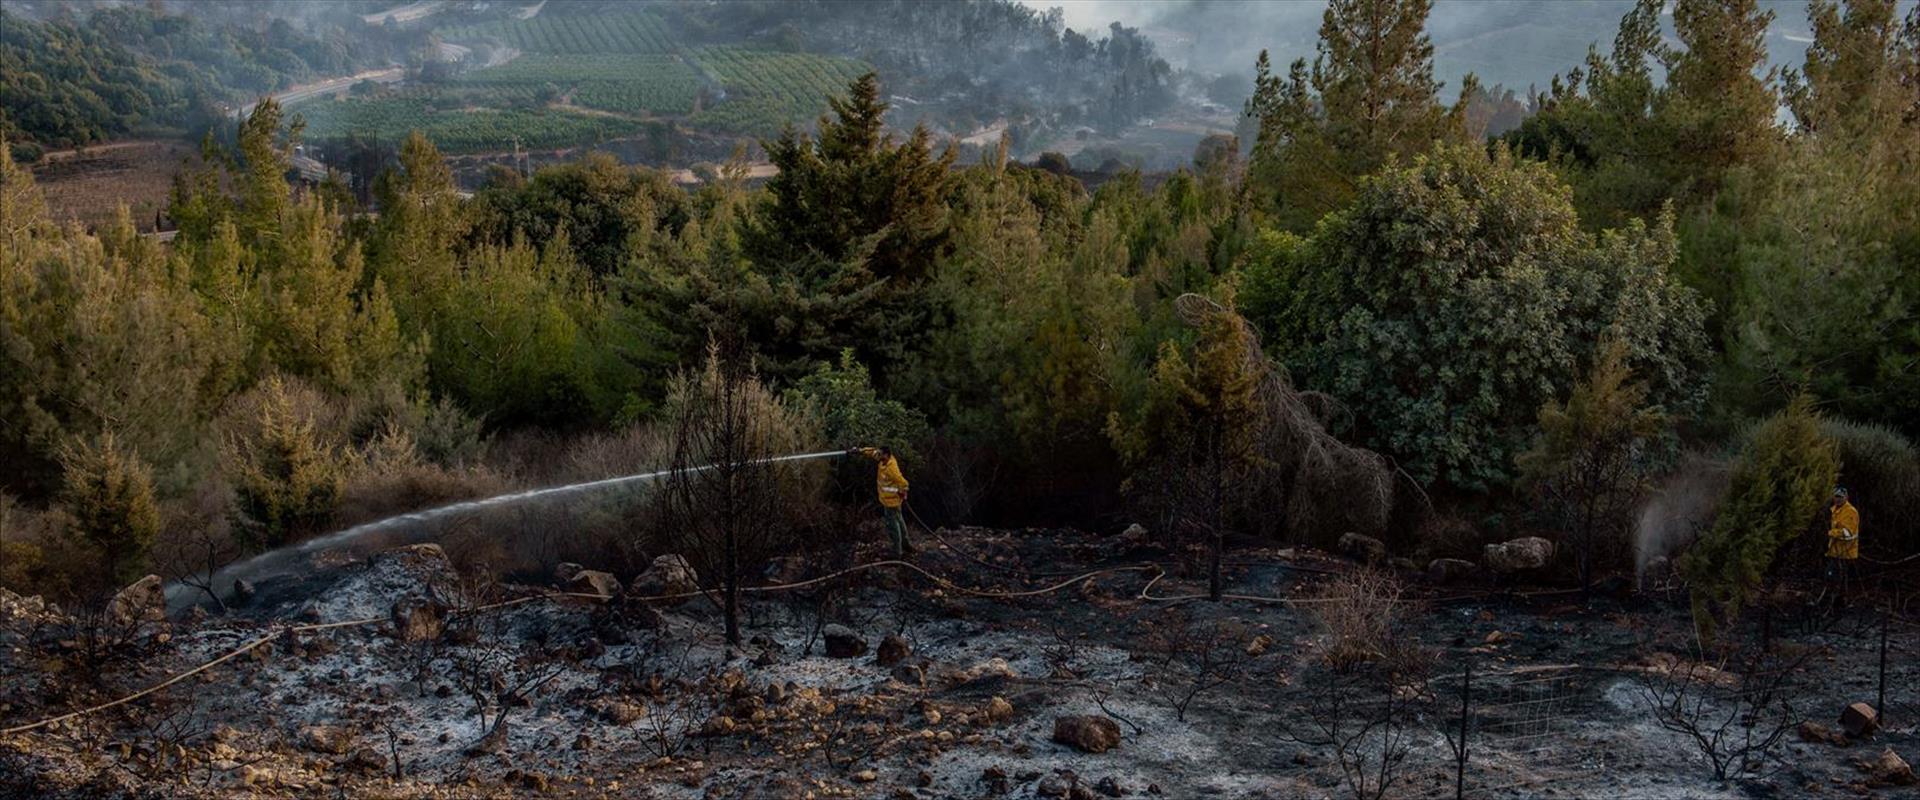 Les incendies en Israël seraient de nature criminelle- vidéo -